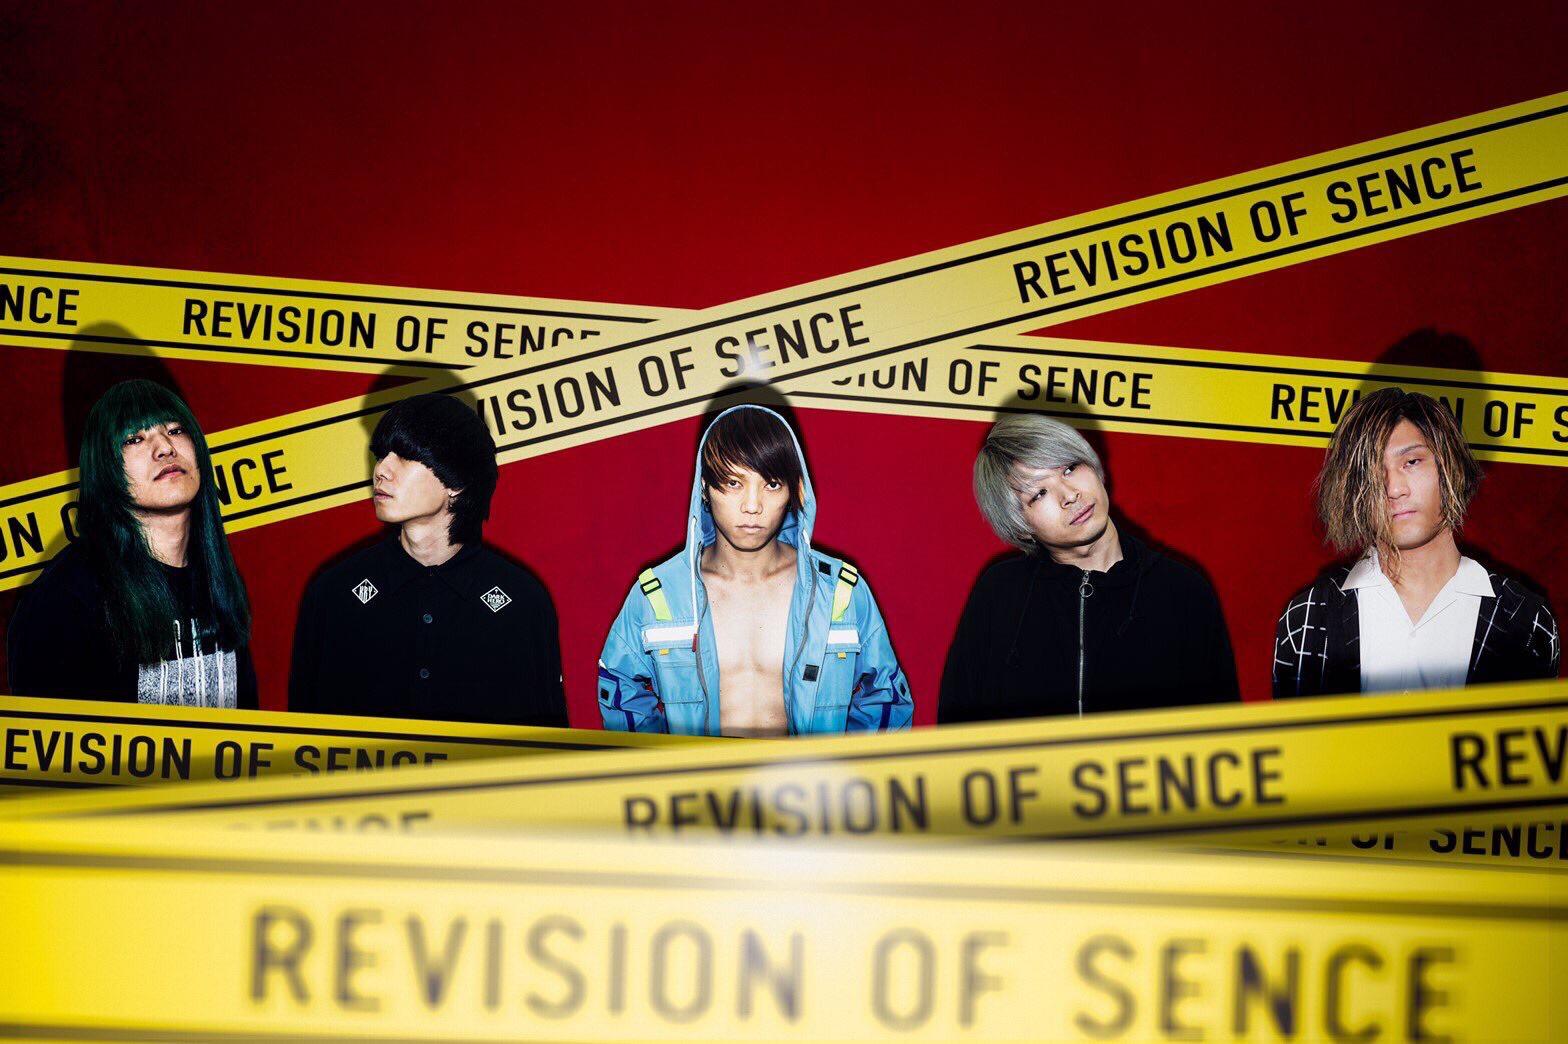 ReVision of Sence 今日もせっせとインディーズバンドのありえない挑戦ツアー [ダイブ・モッシュNG公演]